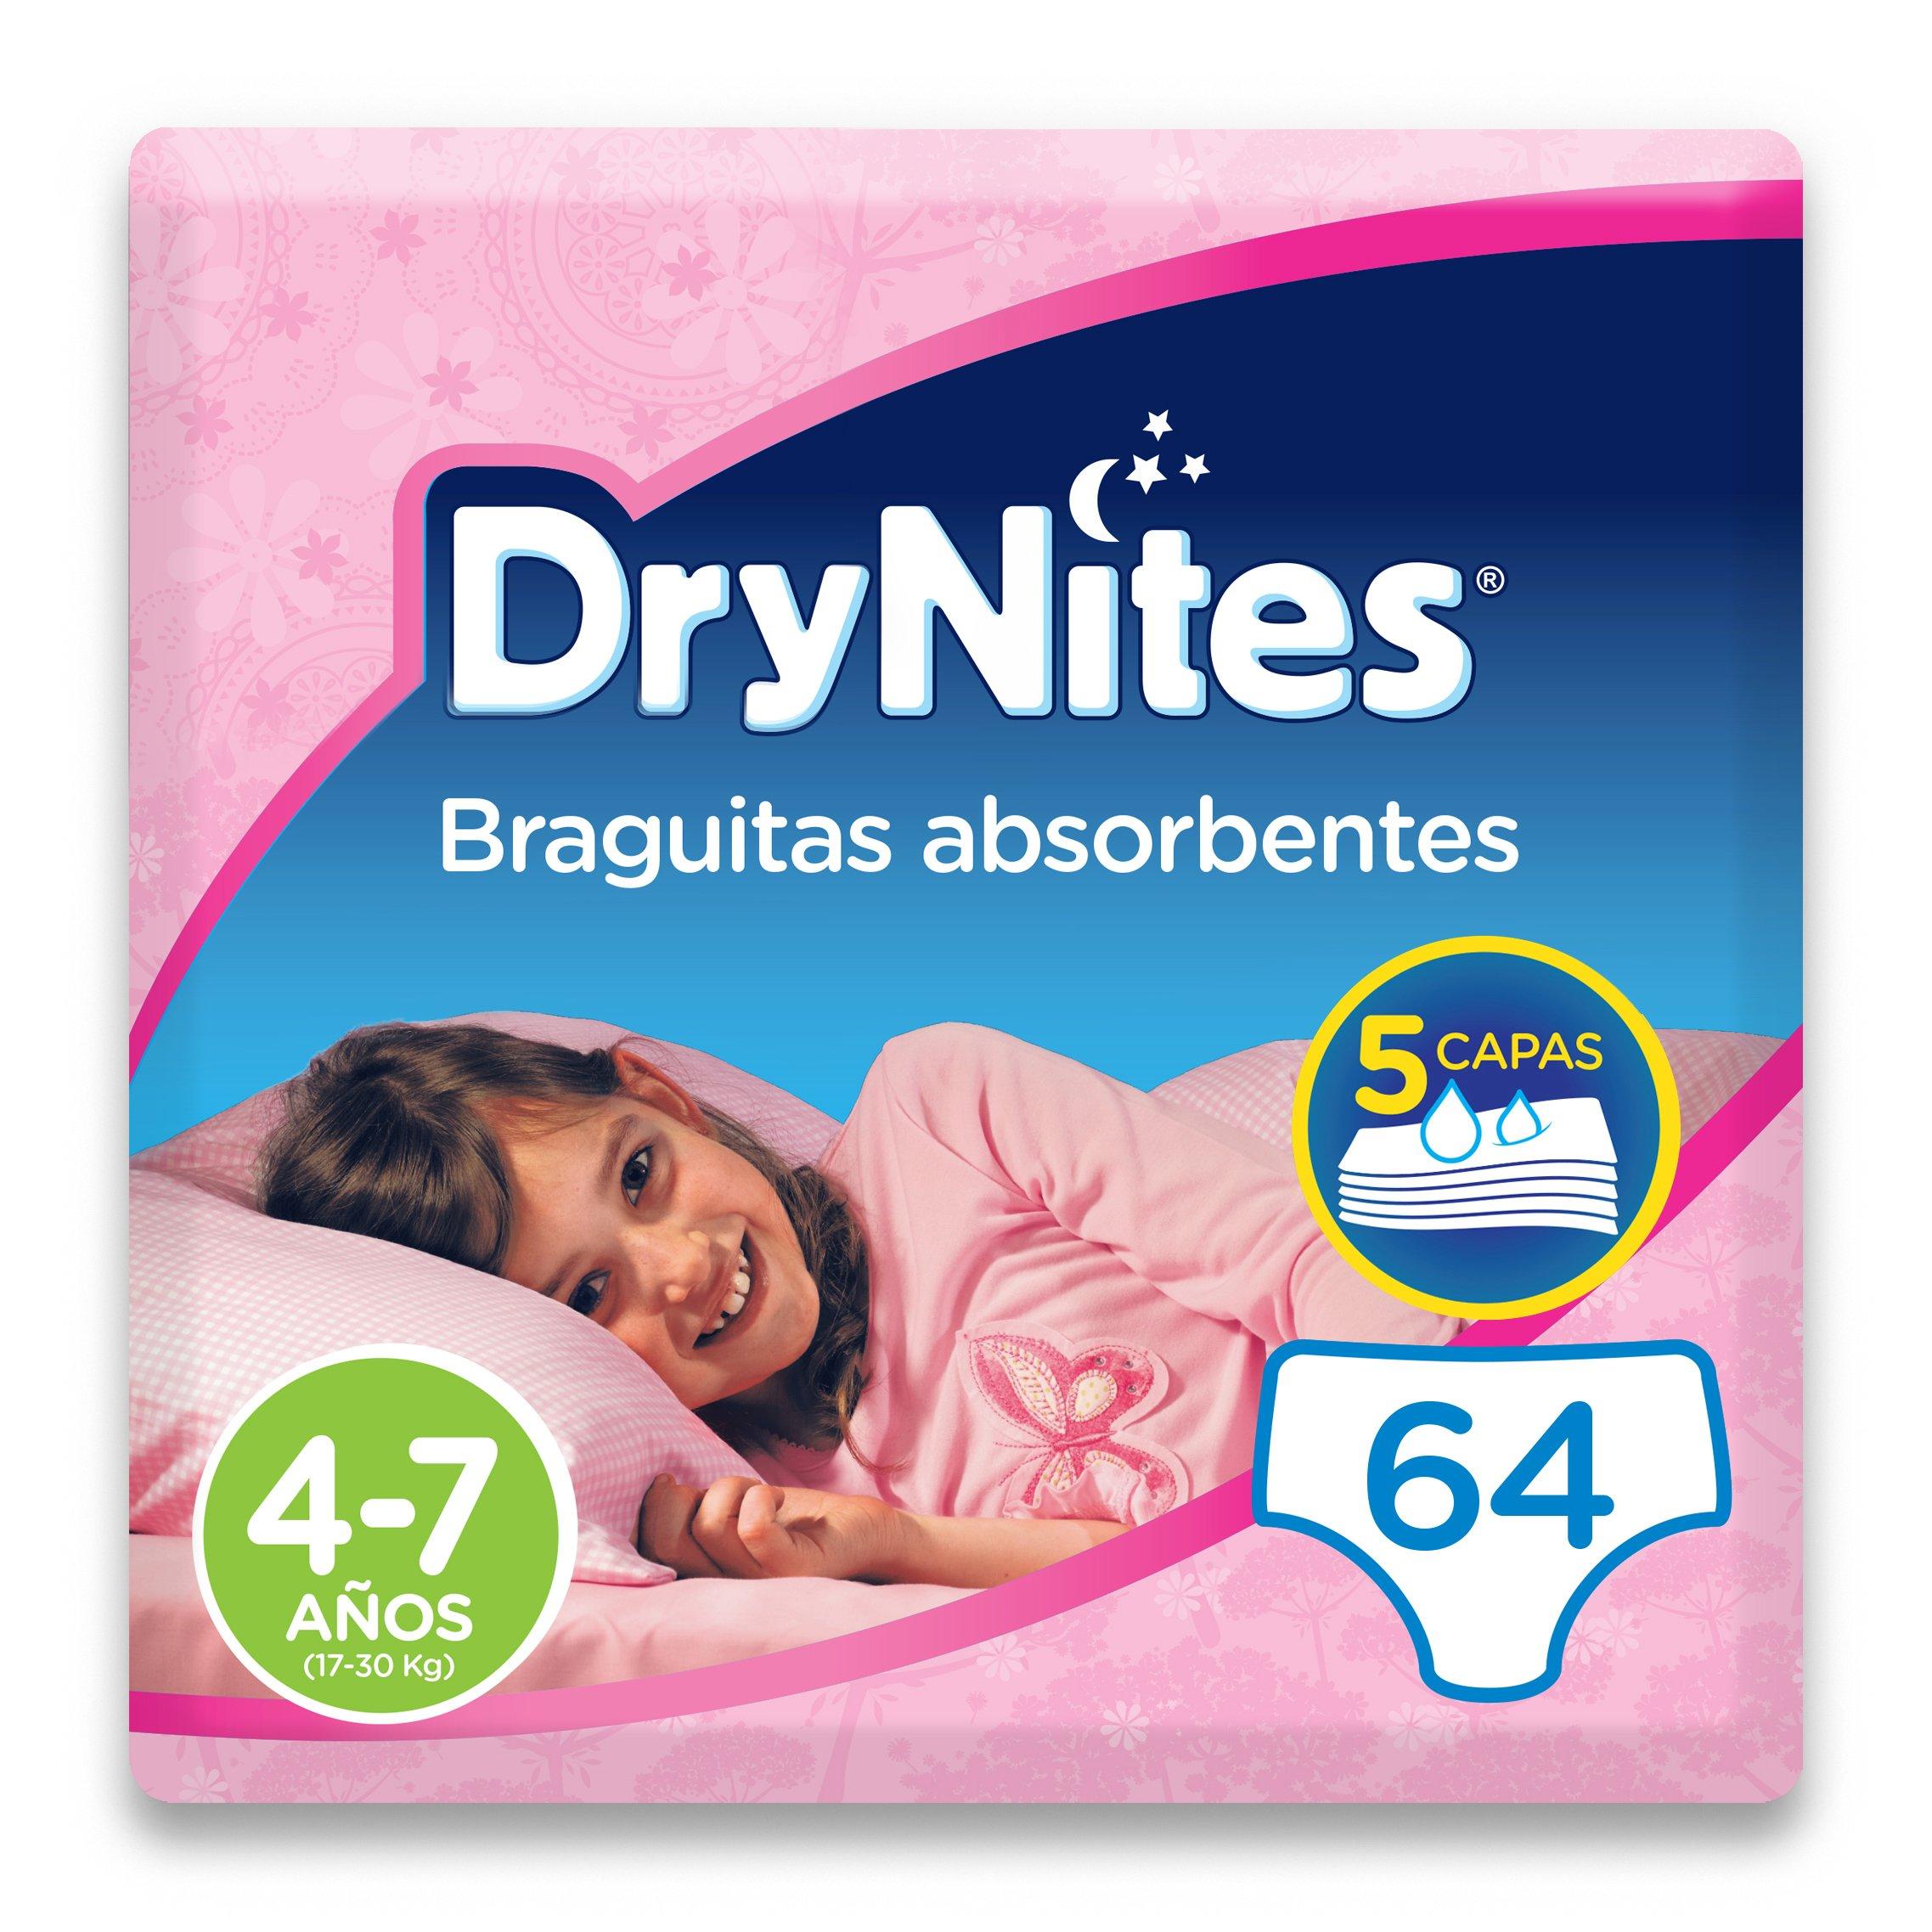 DryNites - Braguitas absorbentes para niña - 4-7 años (17-30 kg